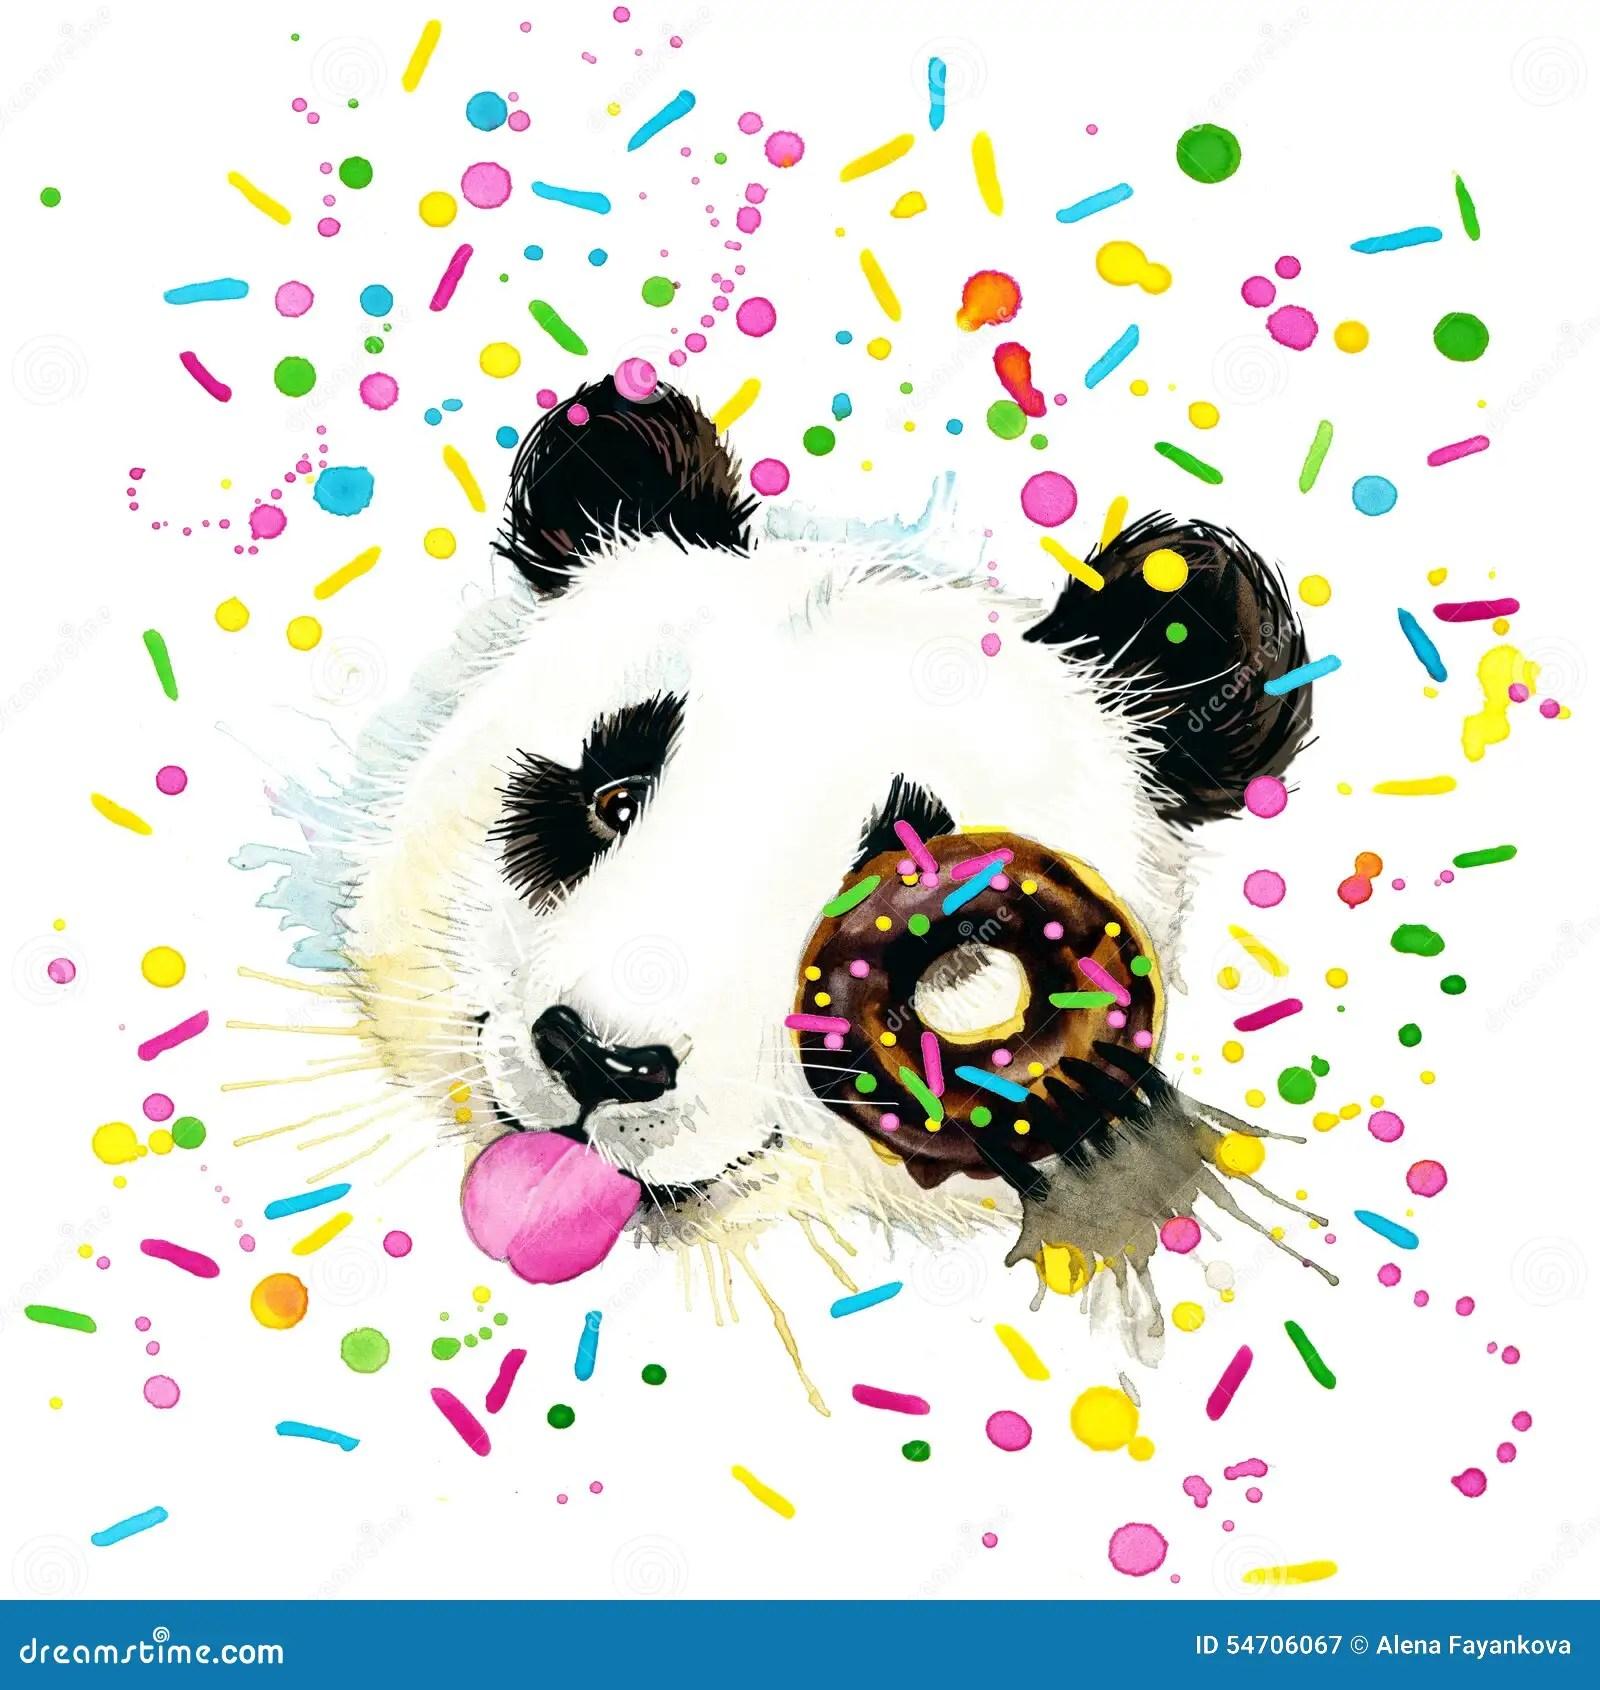 Cute Pooh Bear Wallpapers Funny Panda Bear Watercolor Illustration Stock